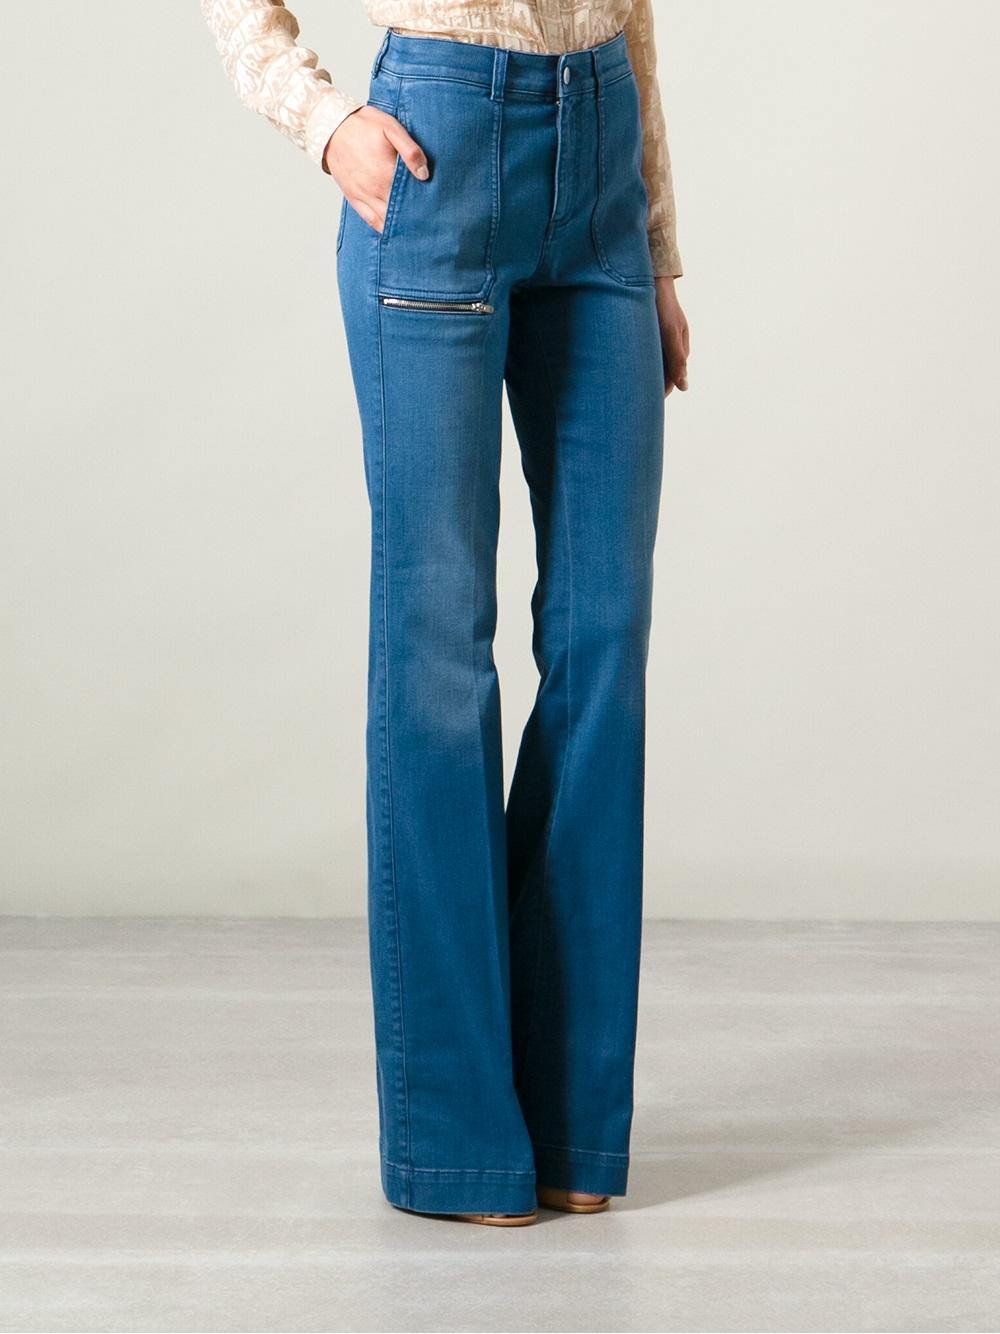 Stella mccartney Bootcut Jeans in Blue | Lyst